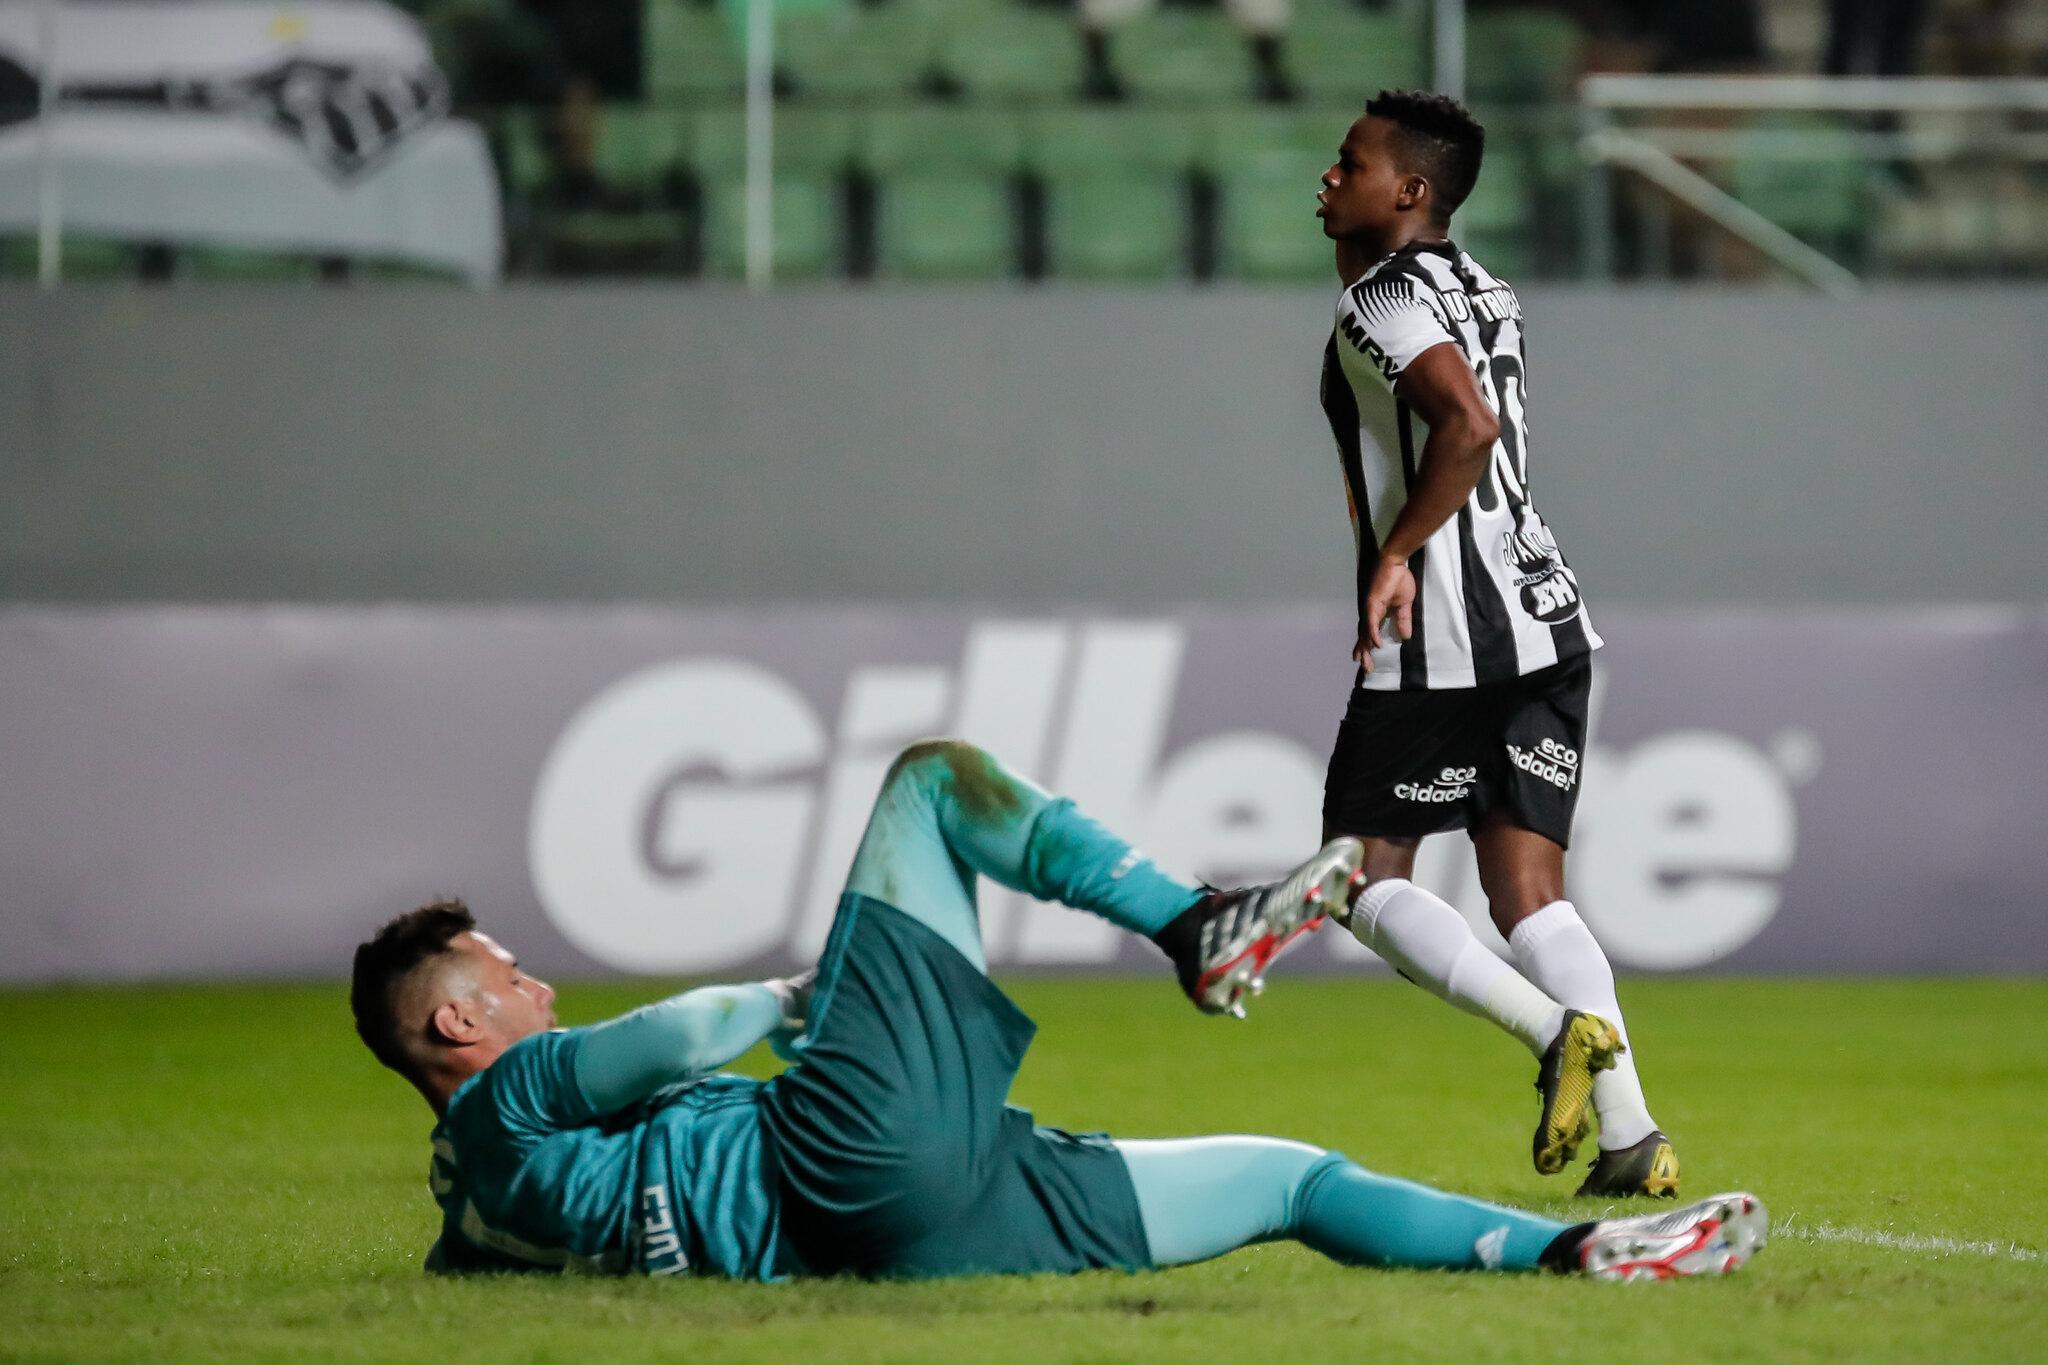 El ecuatoriano marcó un golazo en la victoria 2x1 de Atl. Mineiro sobre Flamengo